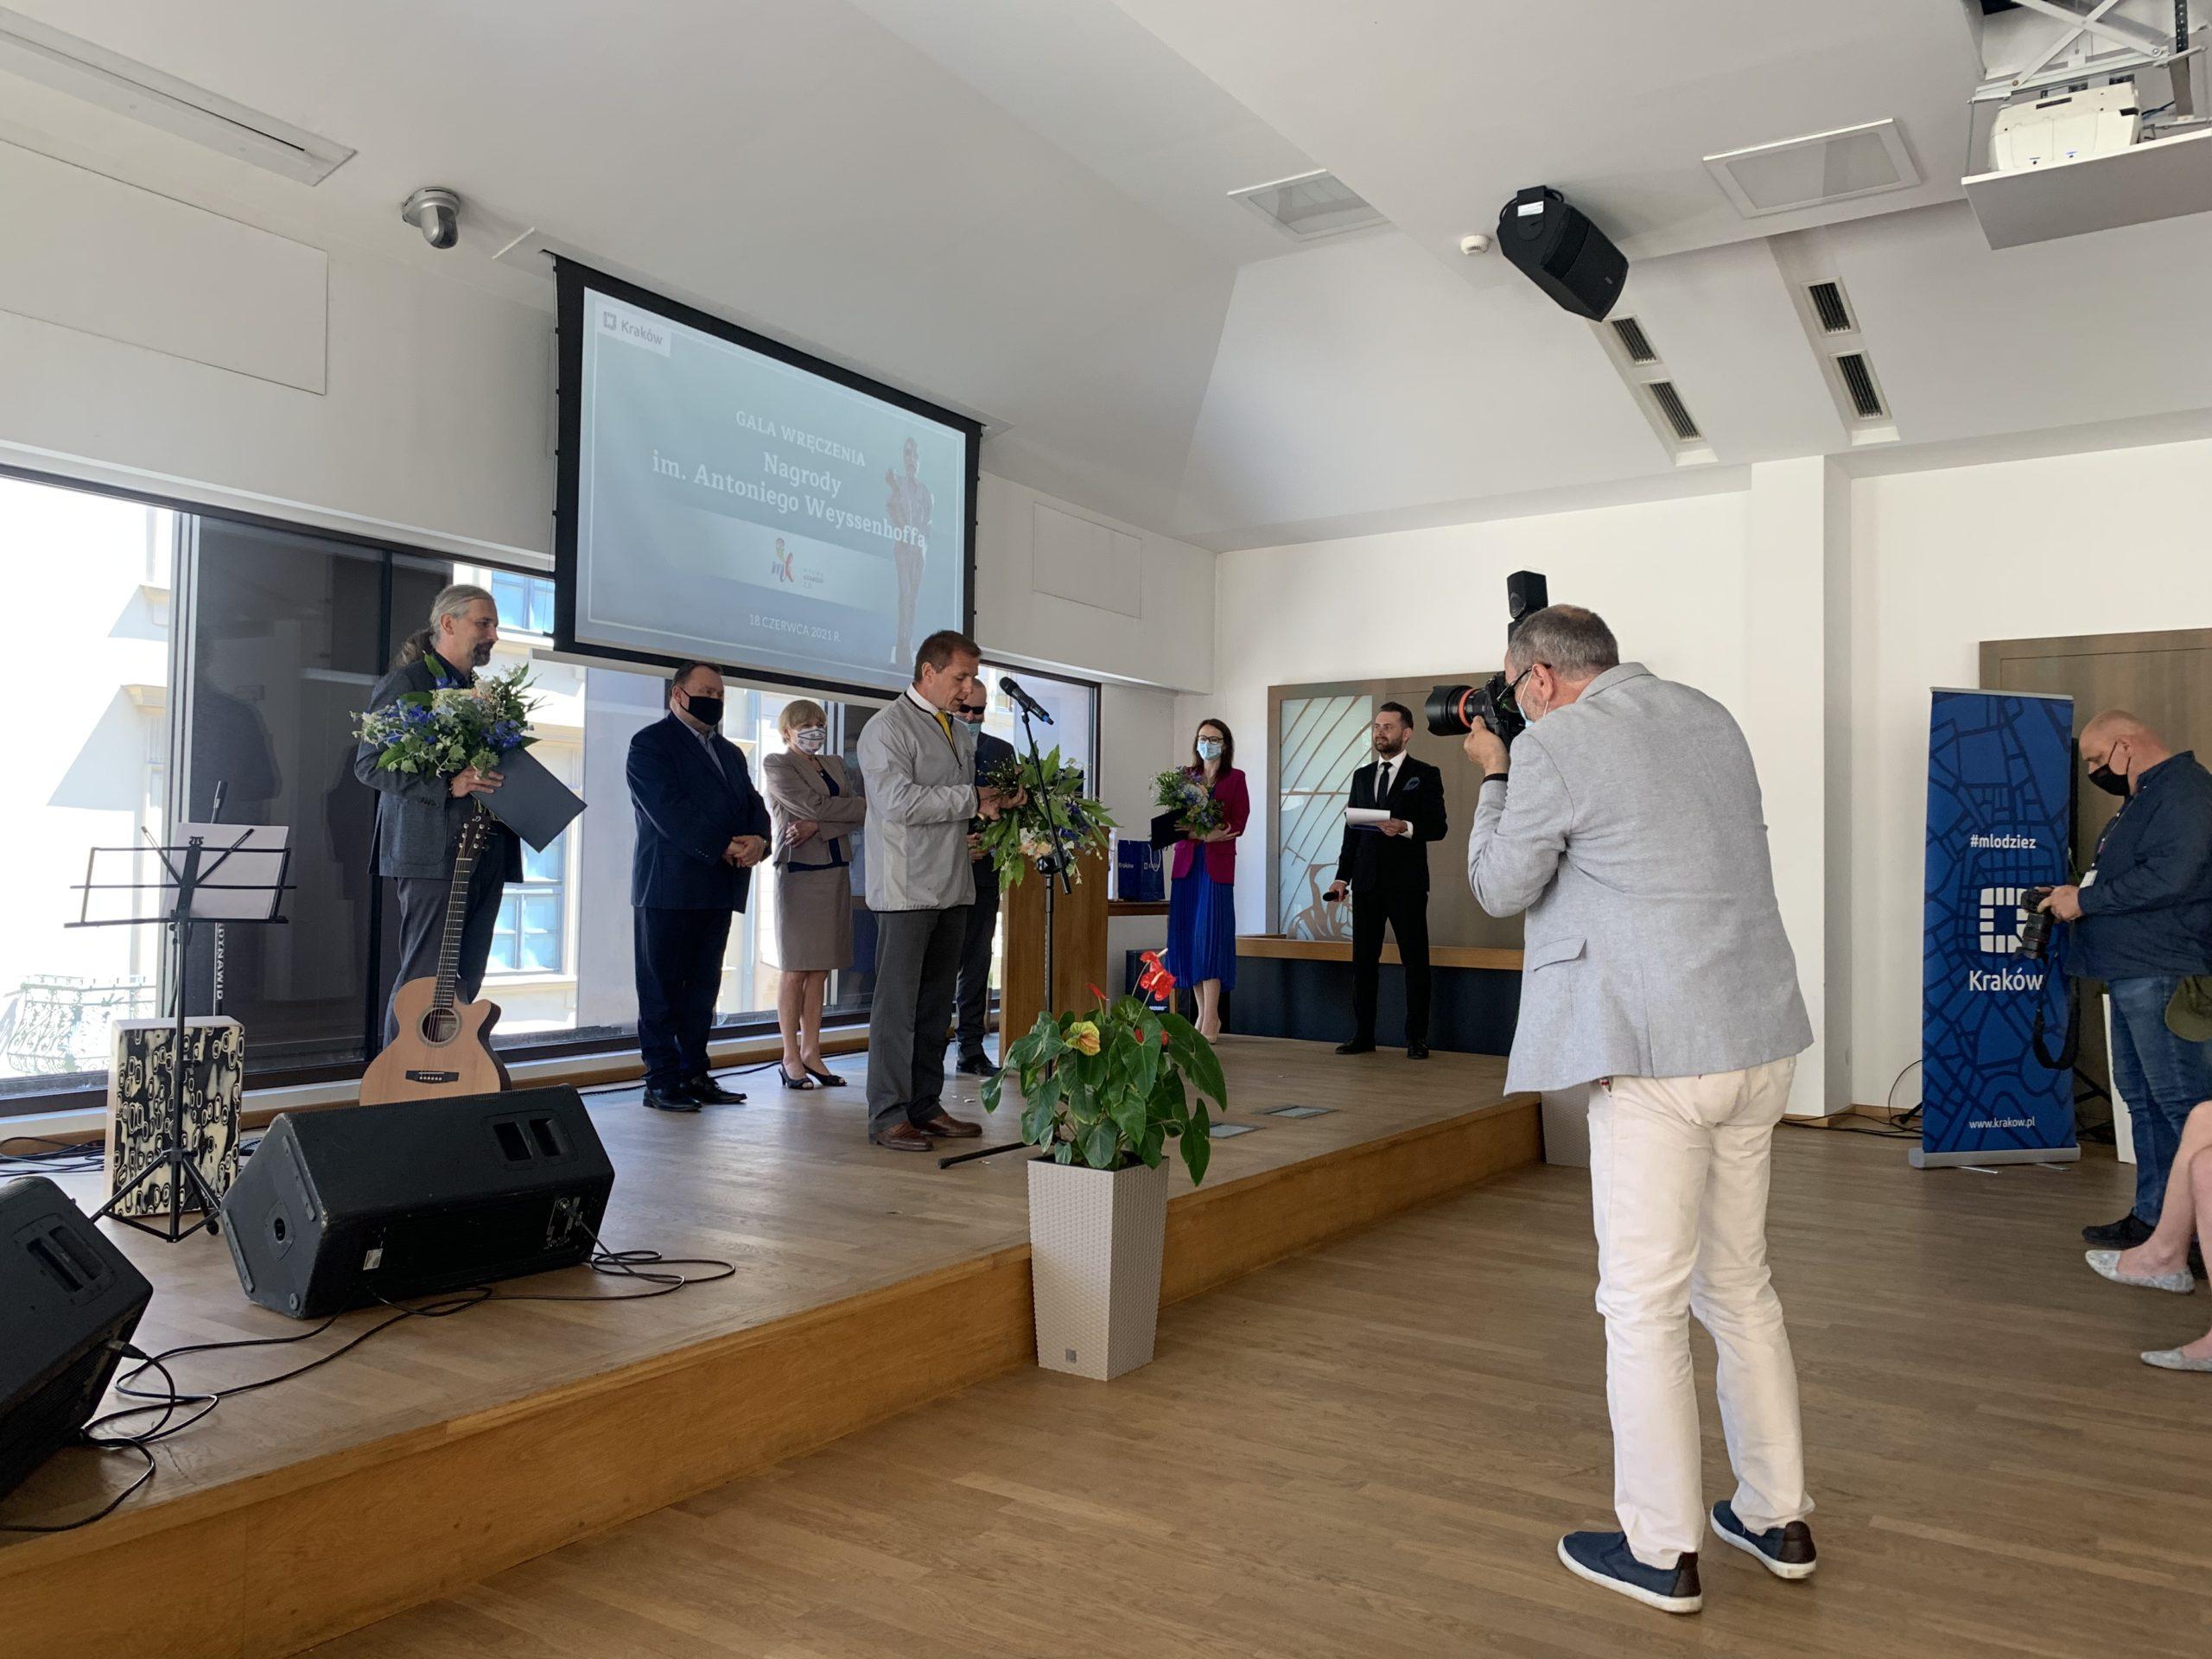 Laureaci Nagrody odbierają nagrody im. Antoniego Weyssenhoffa.